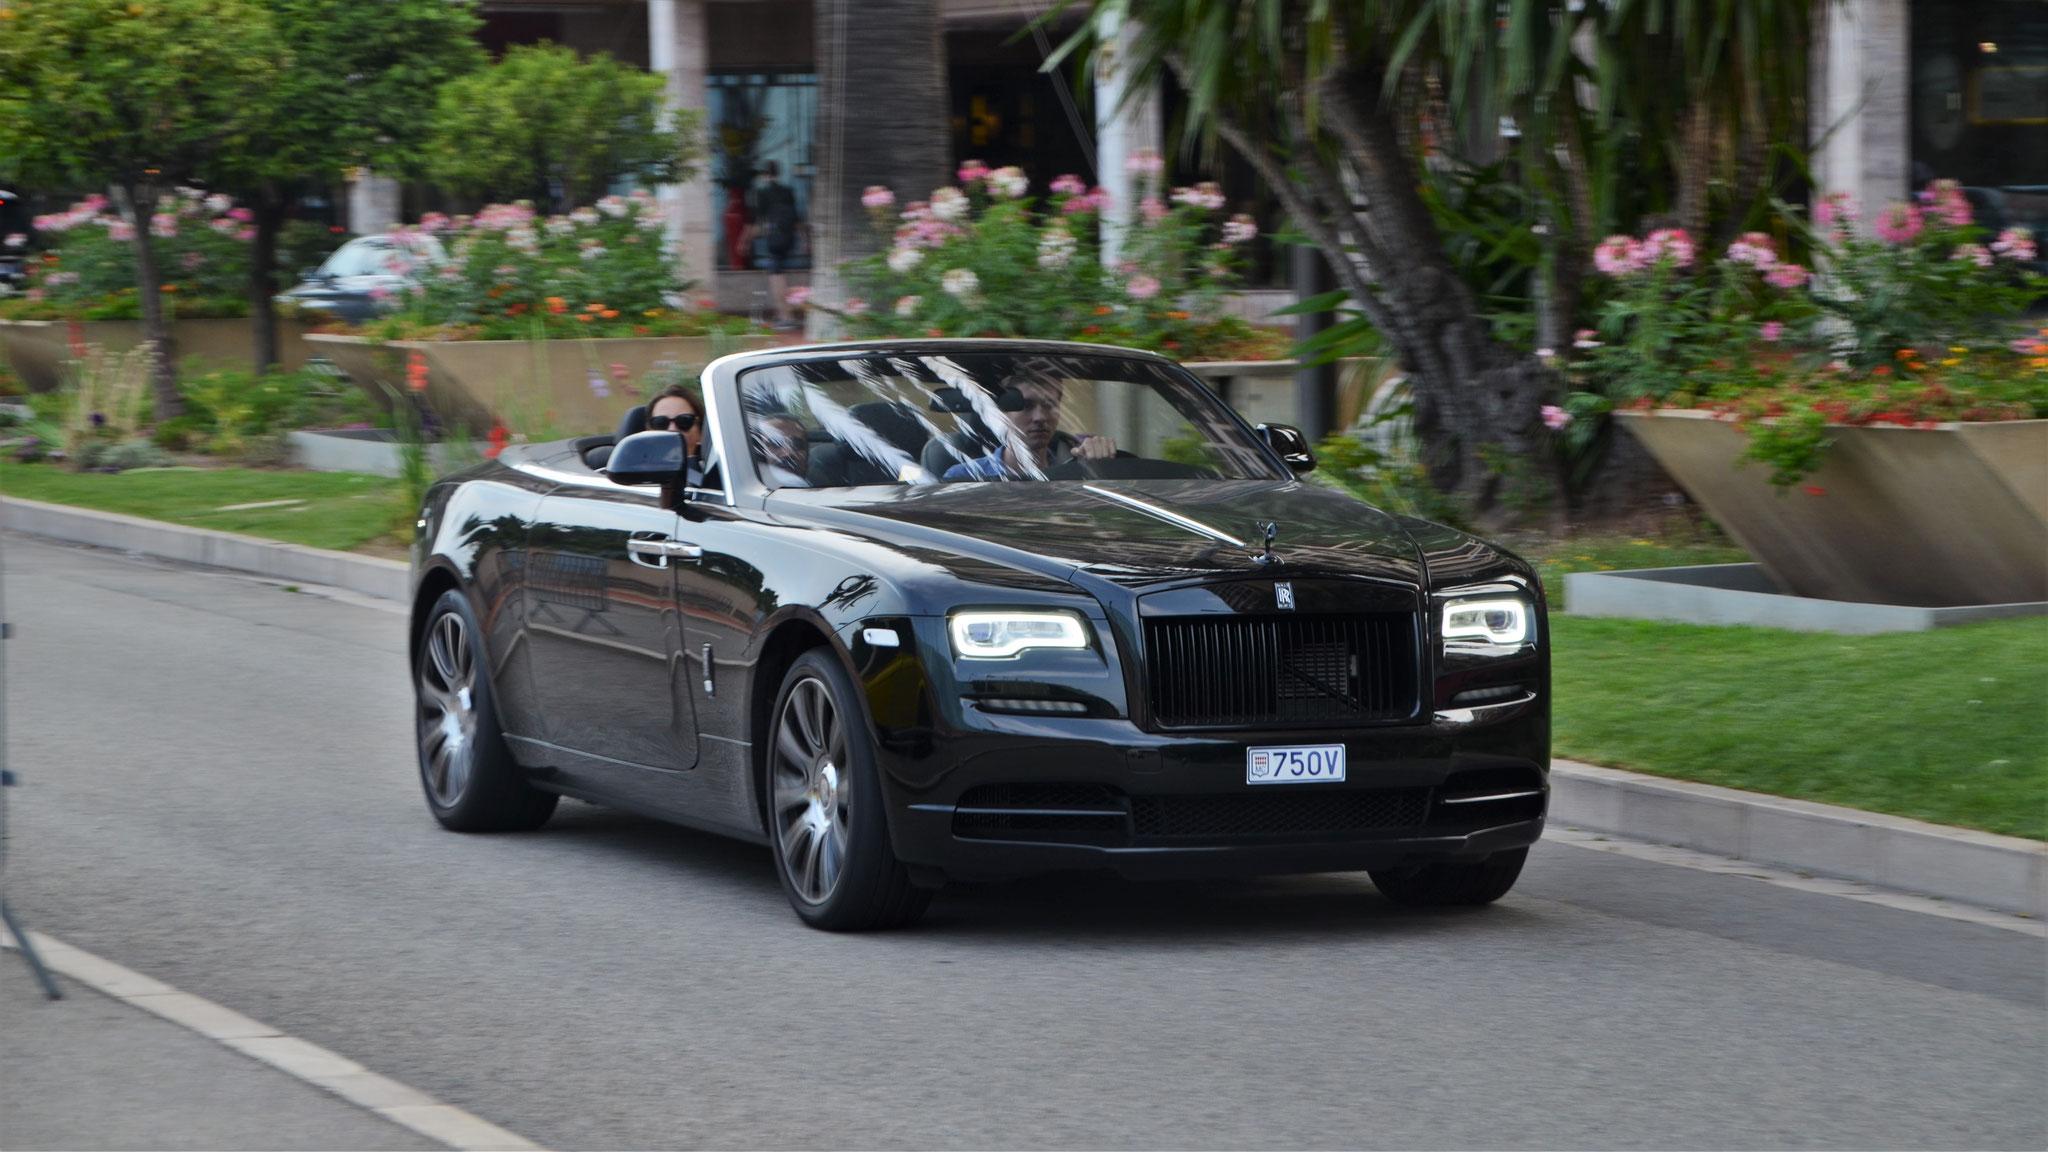 Rolls Royce Dawn - 750V (MC)